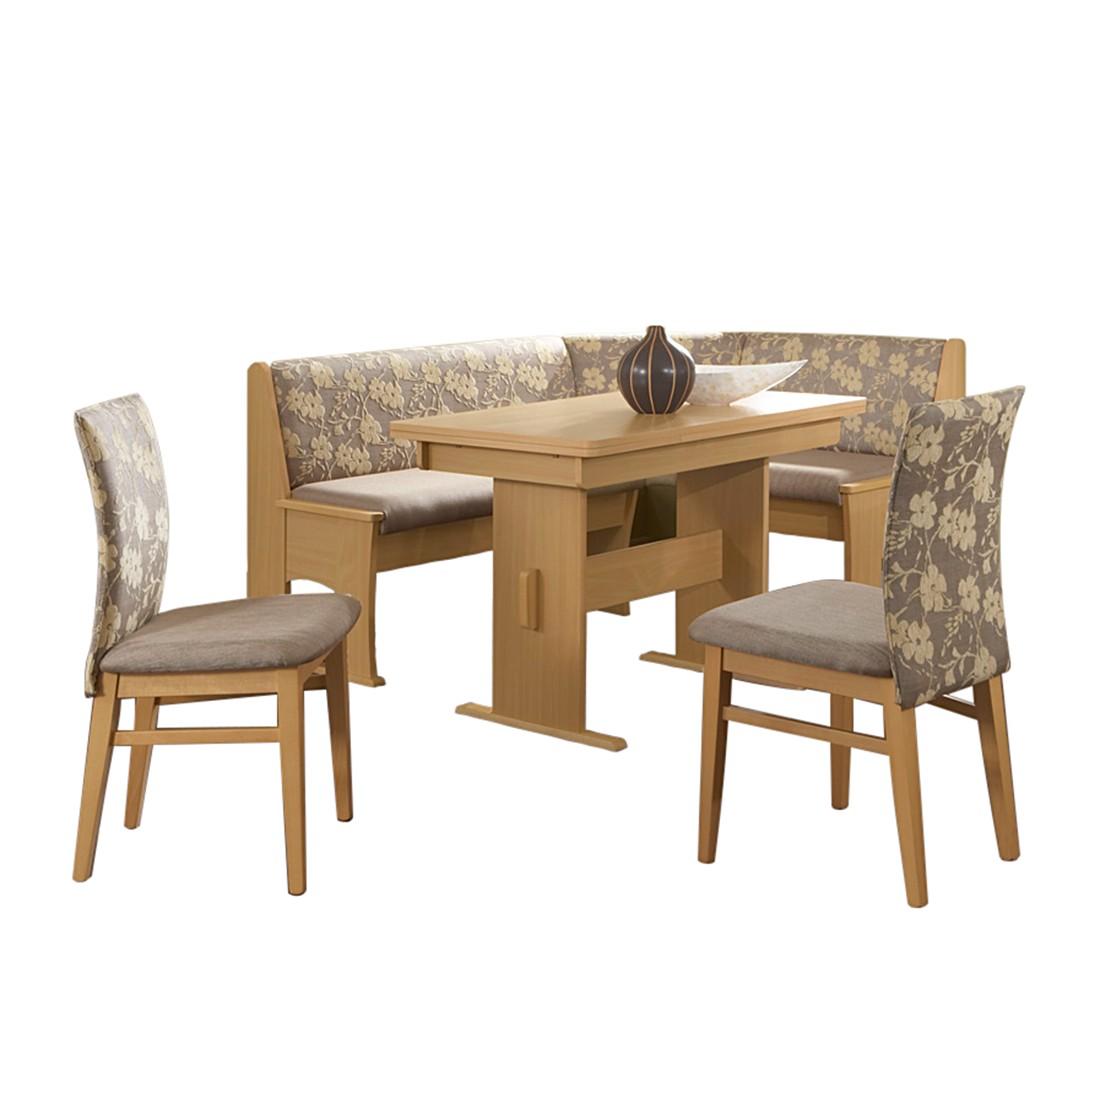 eckbankgruppe buche g nstig kaufen. Black Bedroom Furniture Sets. Home Design Ideas